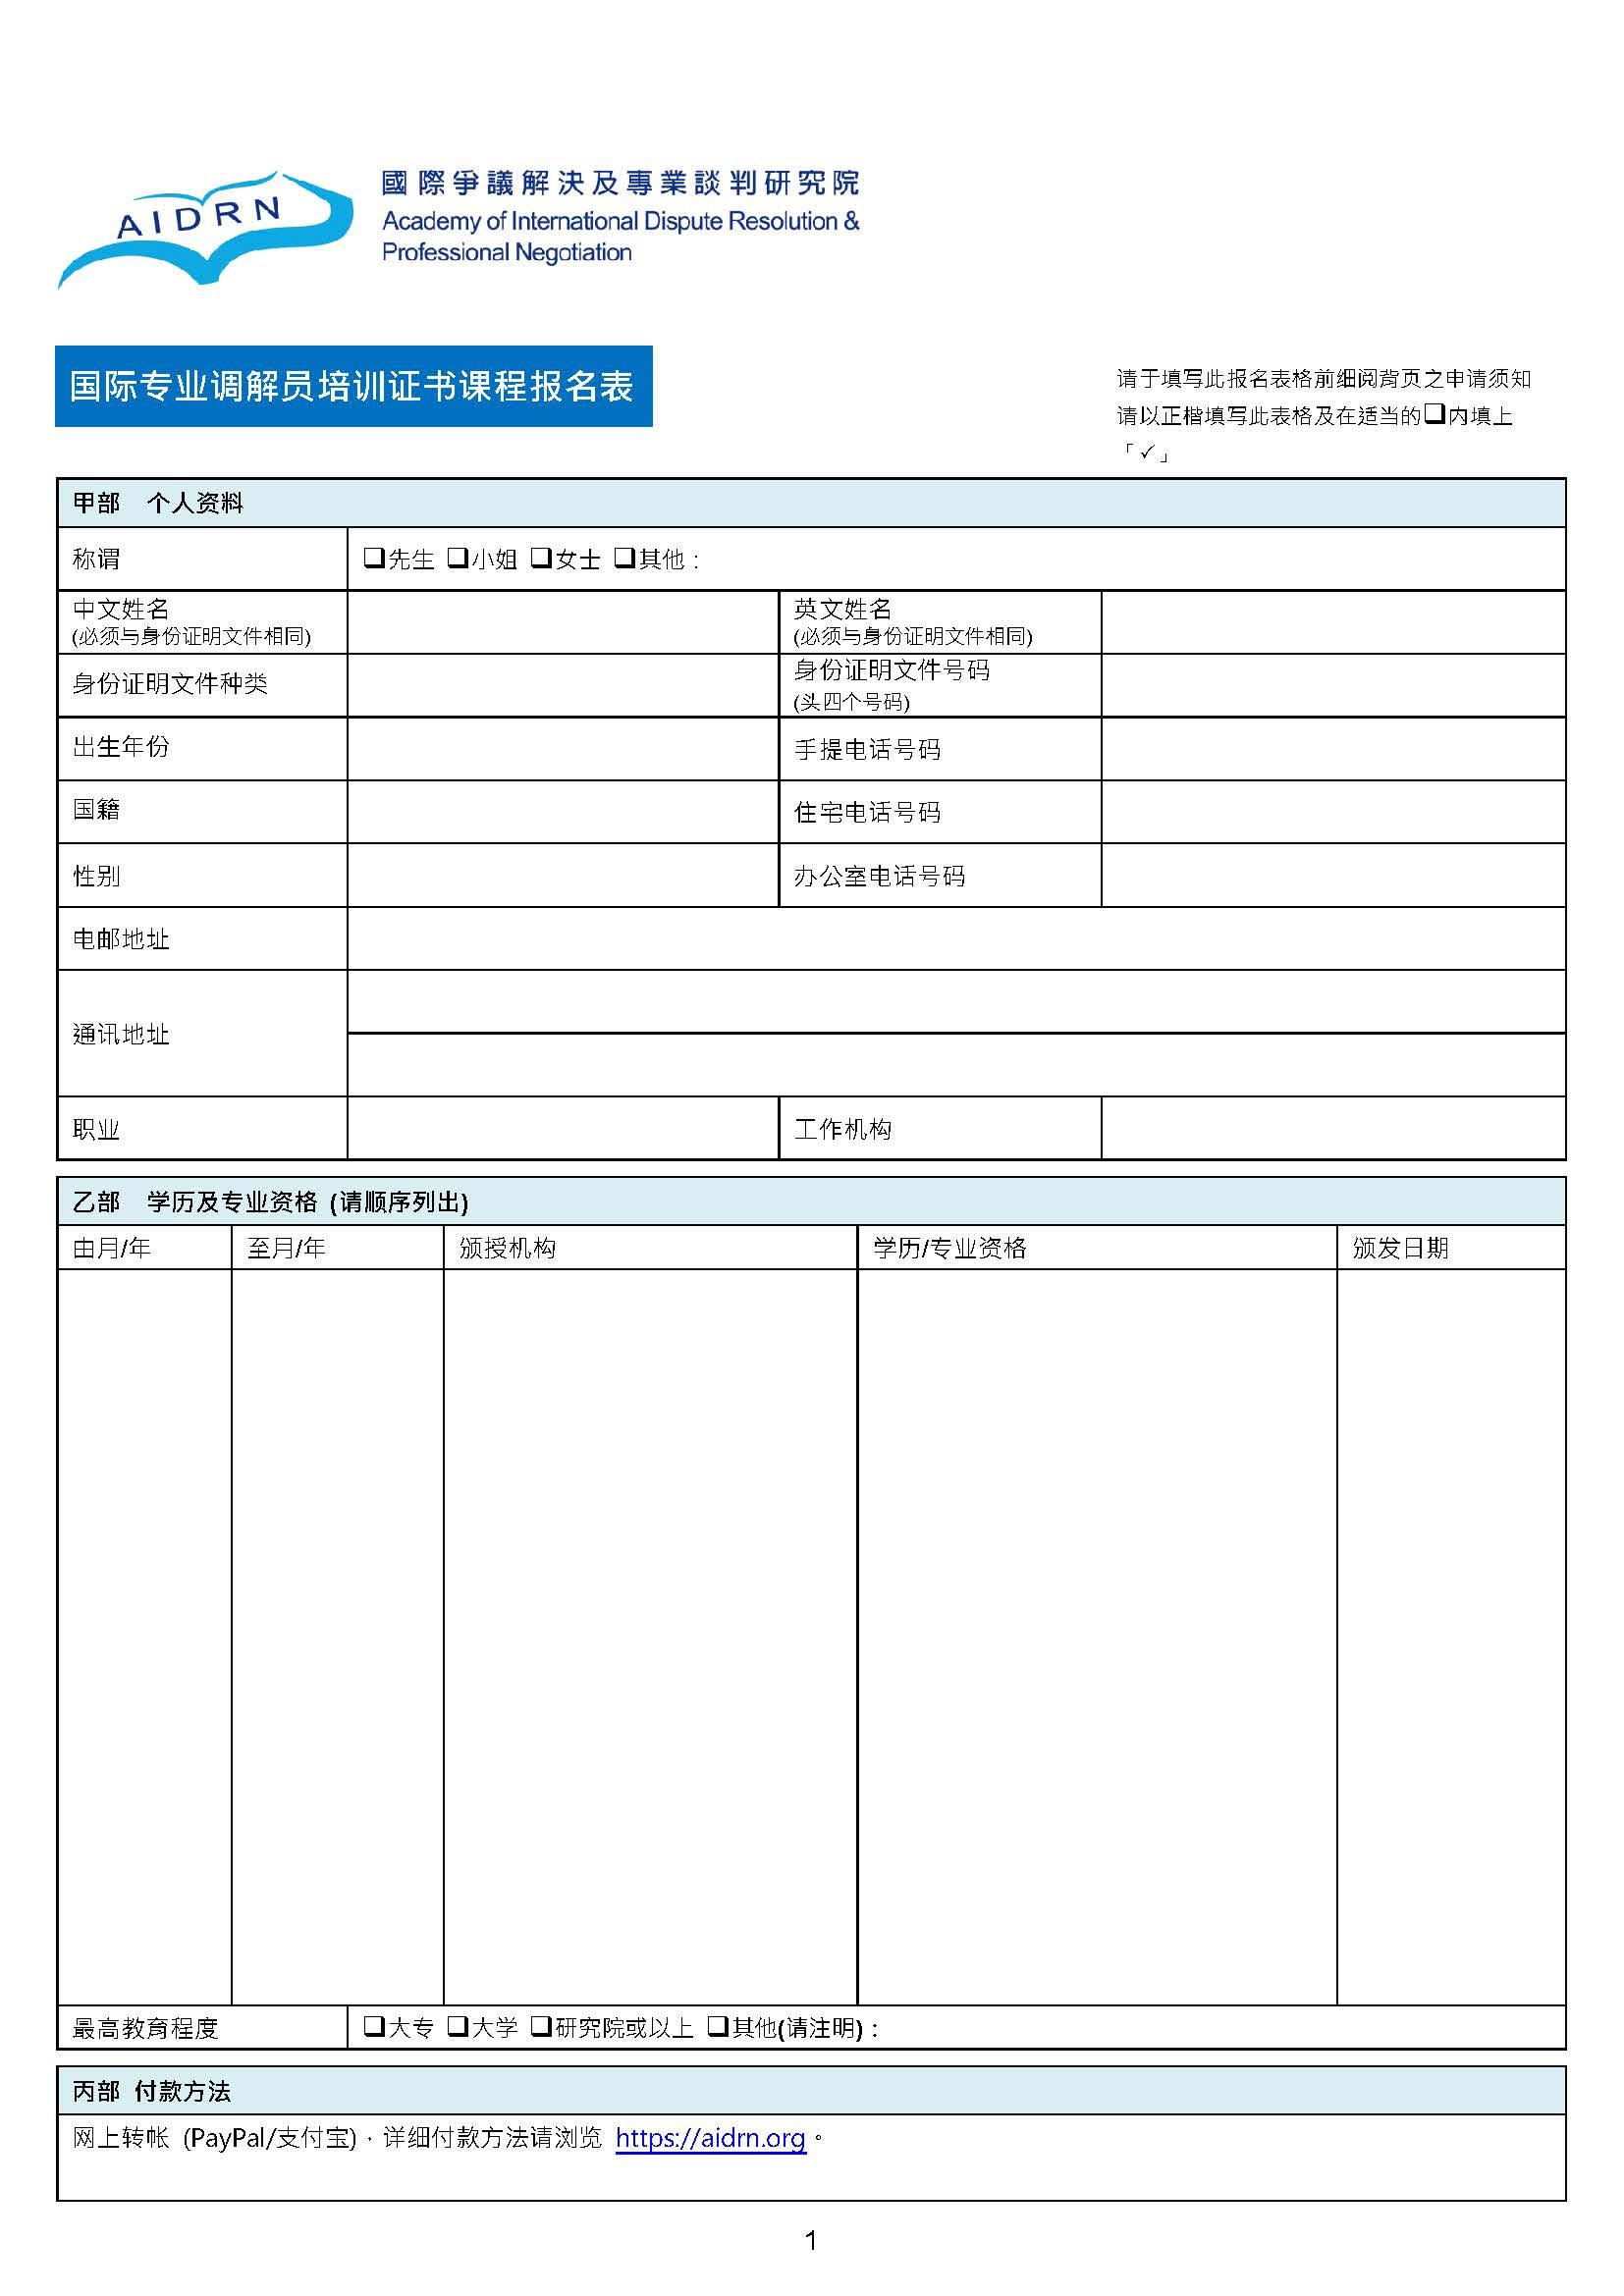 new 国际专业调解员培训证书课程(尚公所)_报名表格_頁面_1